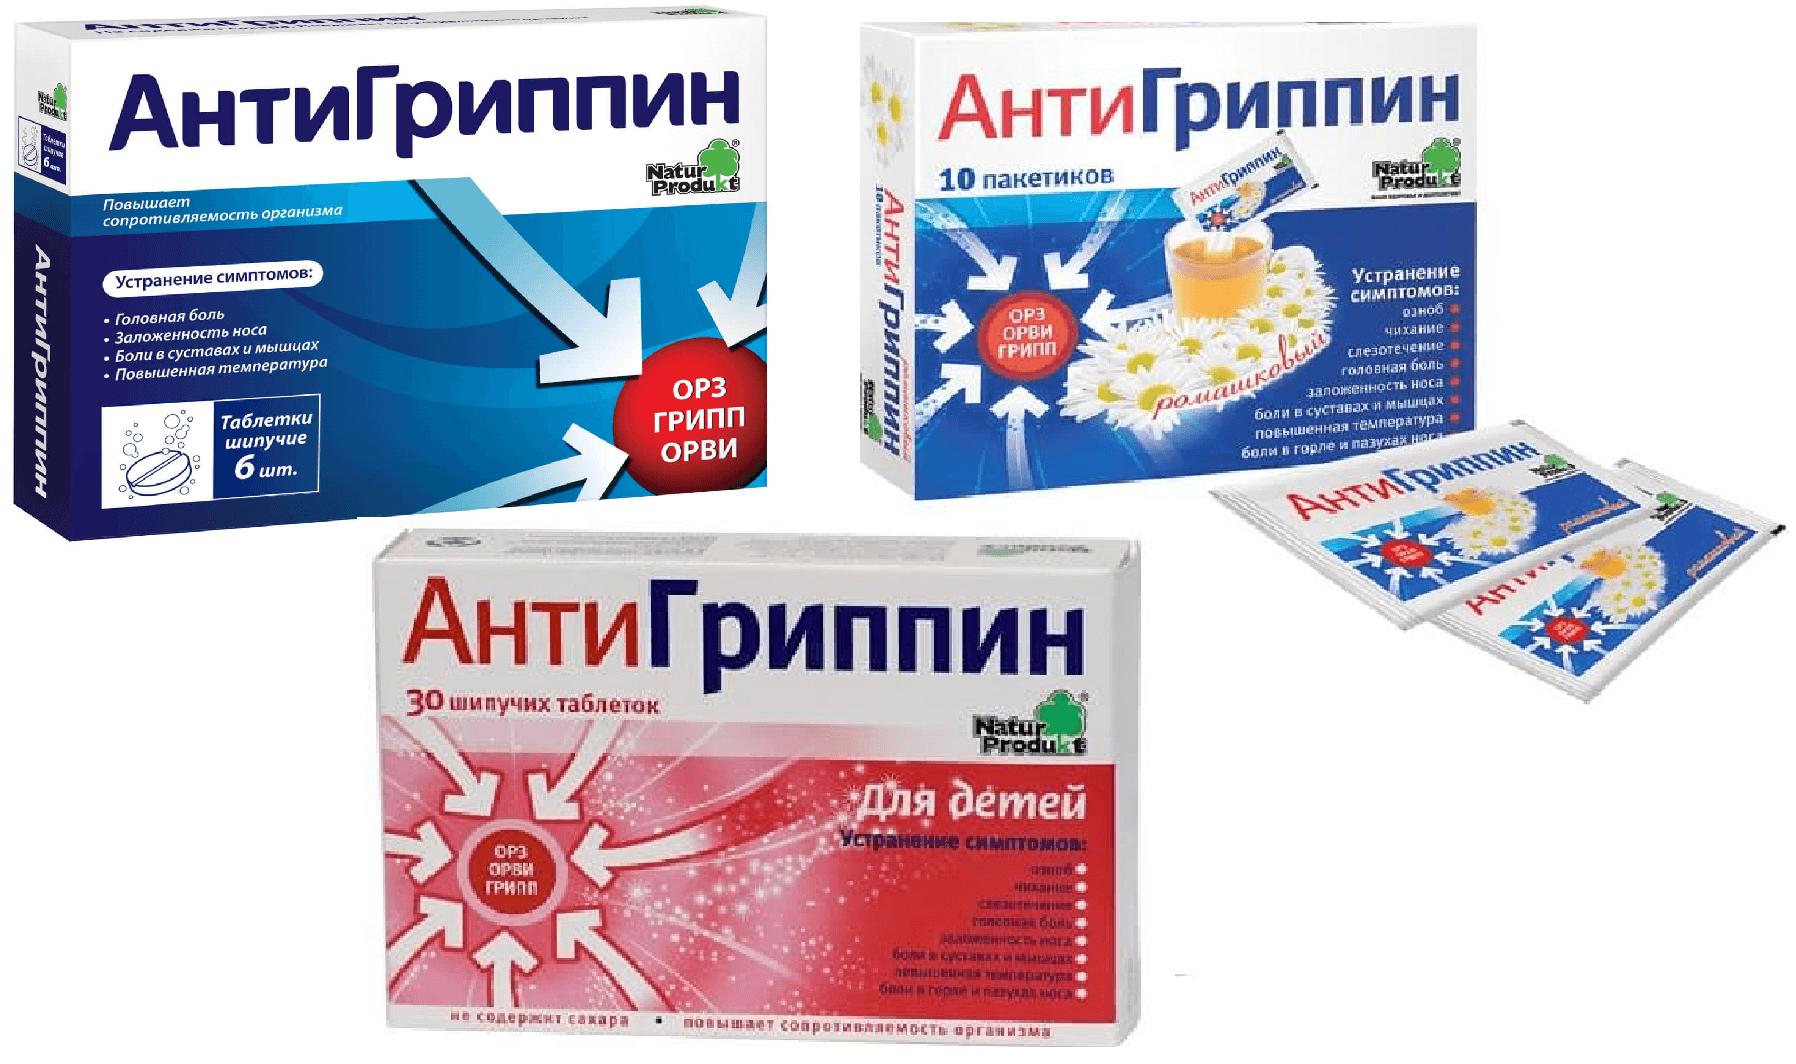 Антигриппин детский: инструкция по применению шипучих таблеток для детей